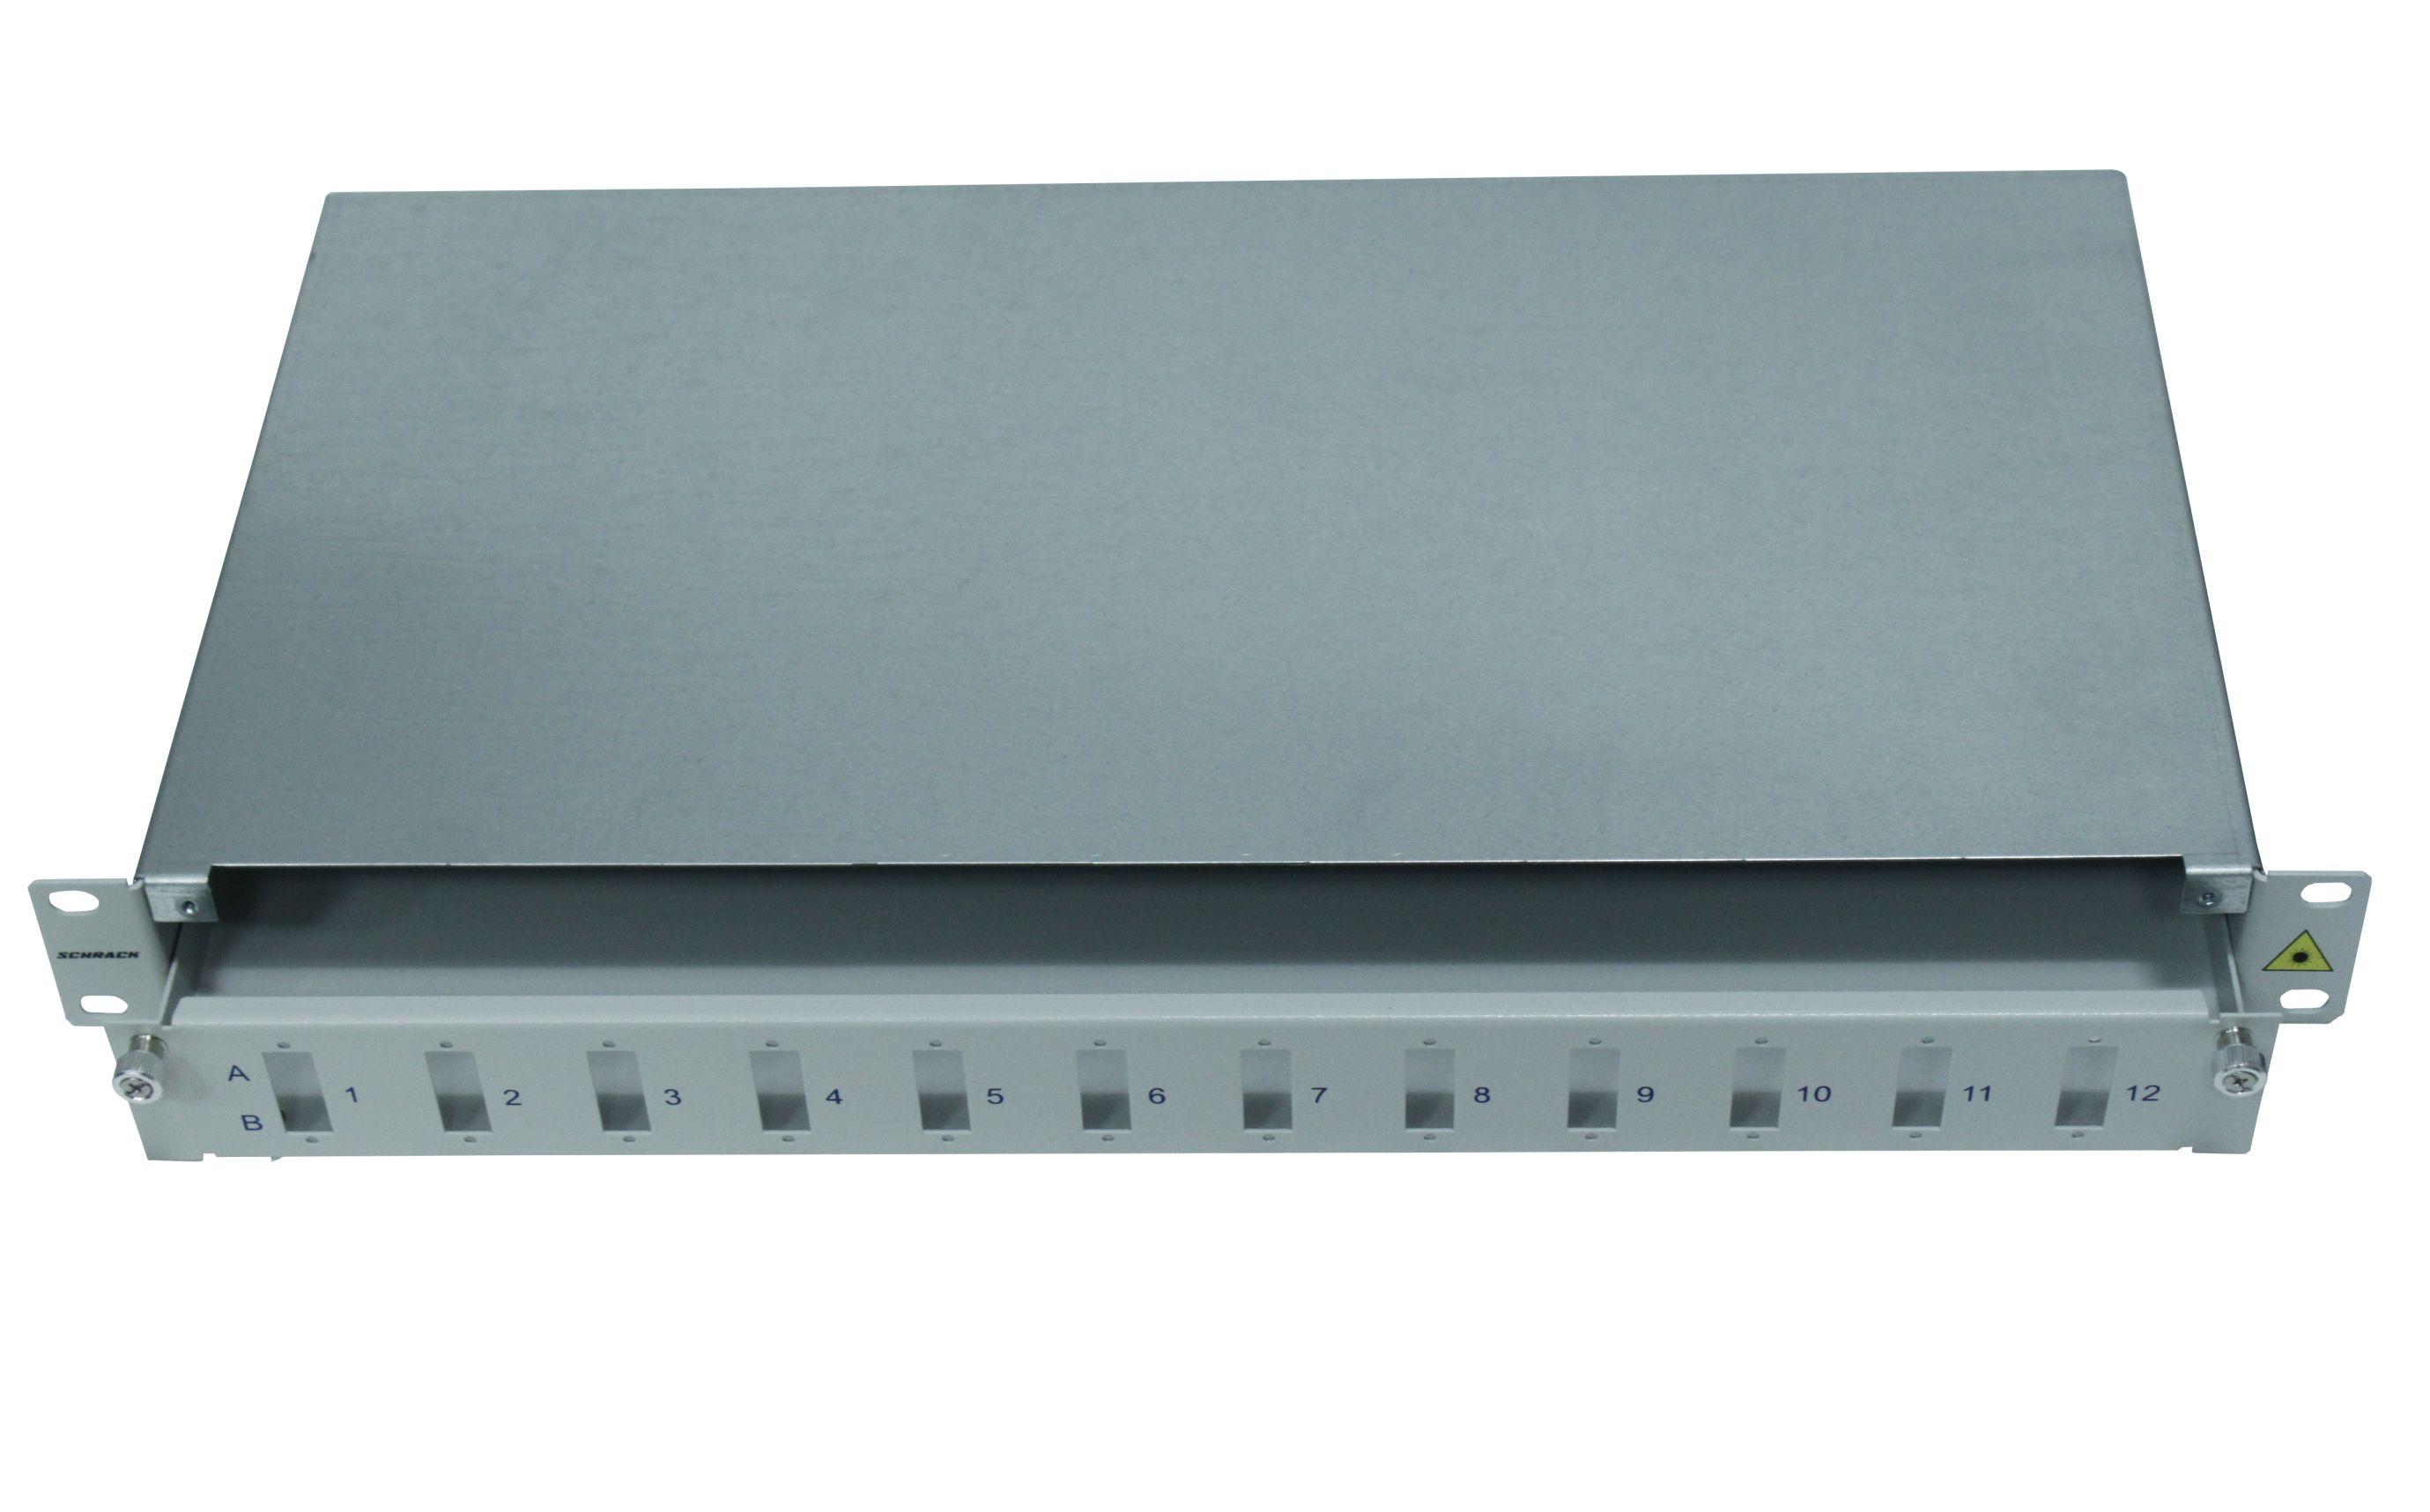 1 Stk LWL Spleißbox leer für 12 SC-Duplex Kupplungen, 1HE, RAL7035 HSELS240CG